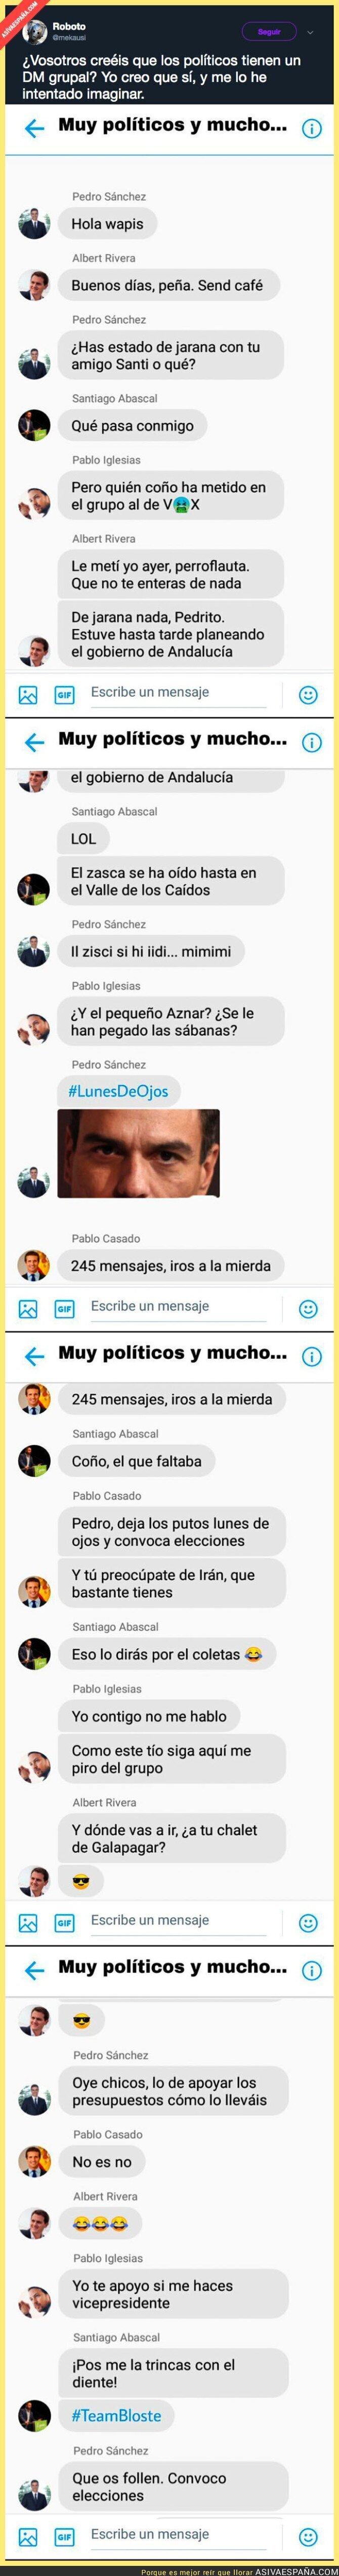 102718 - El chat de nuestros políticos sale a la luz